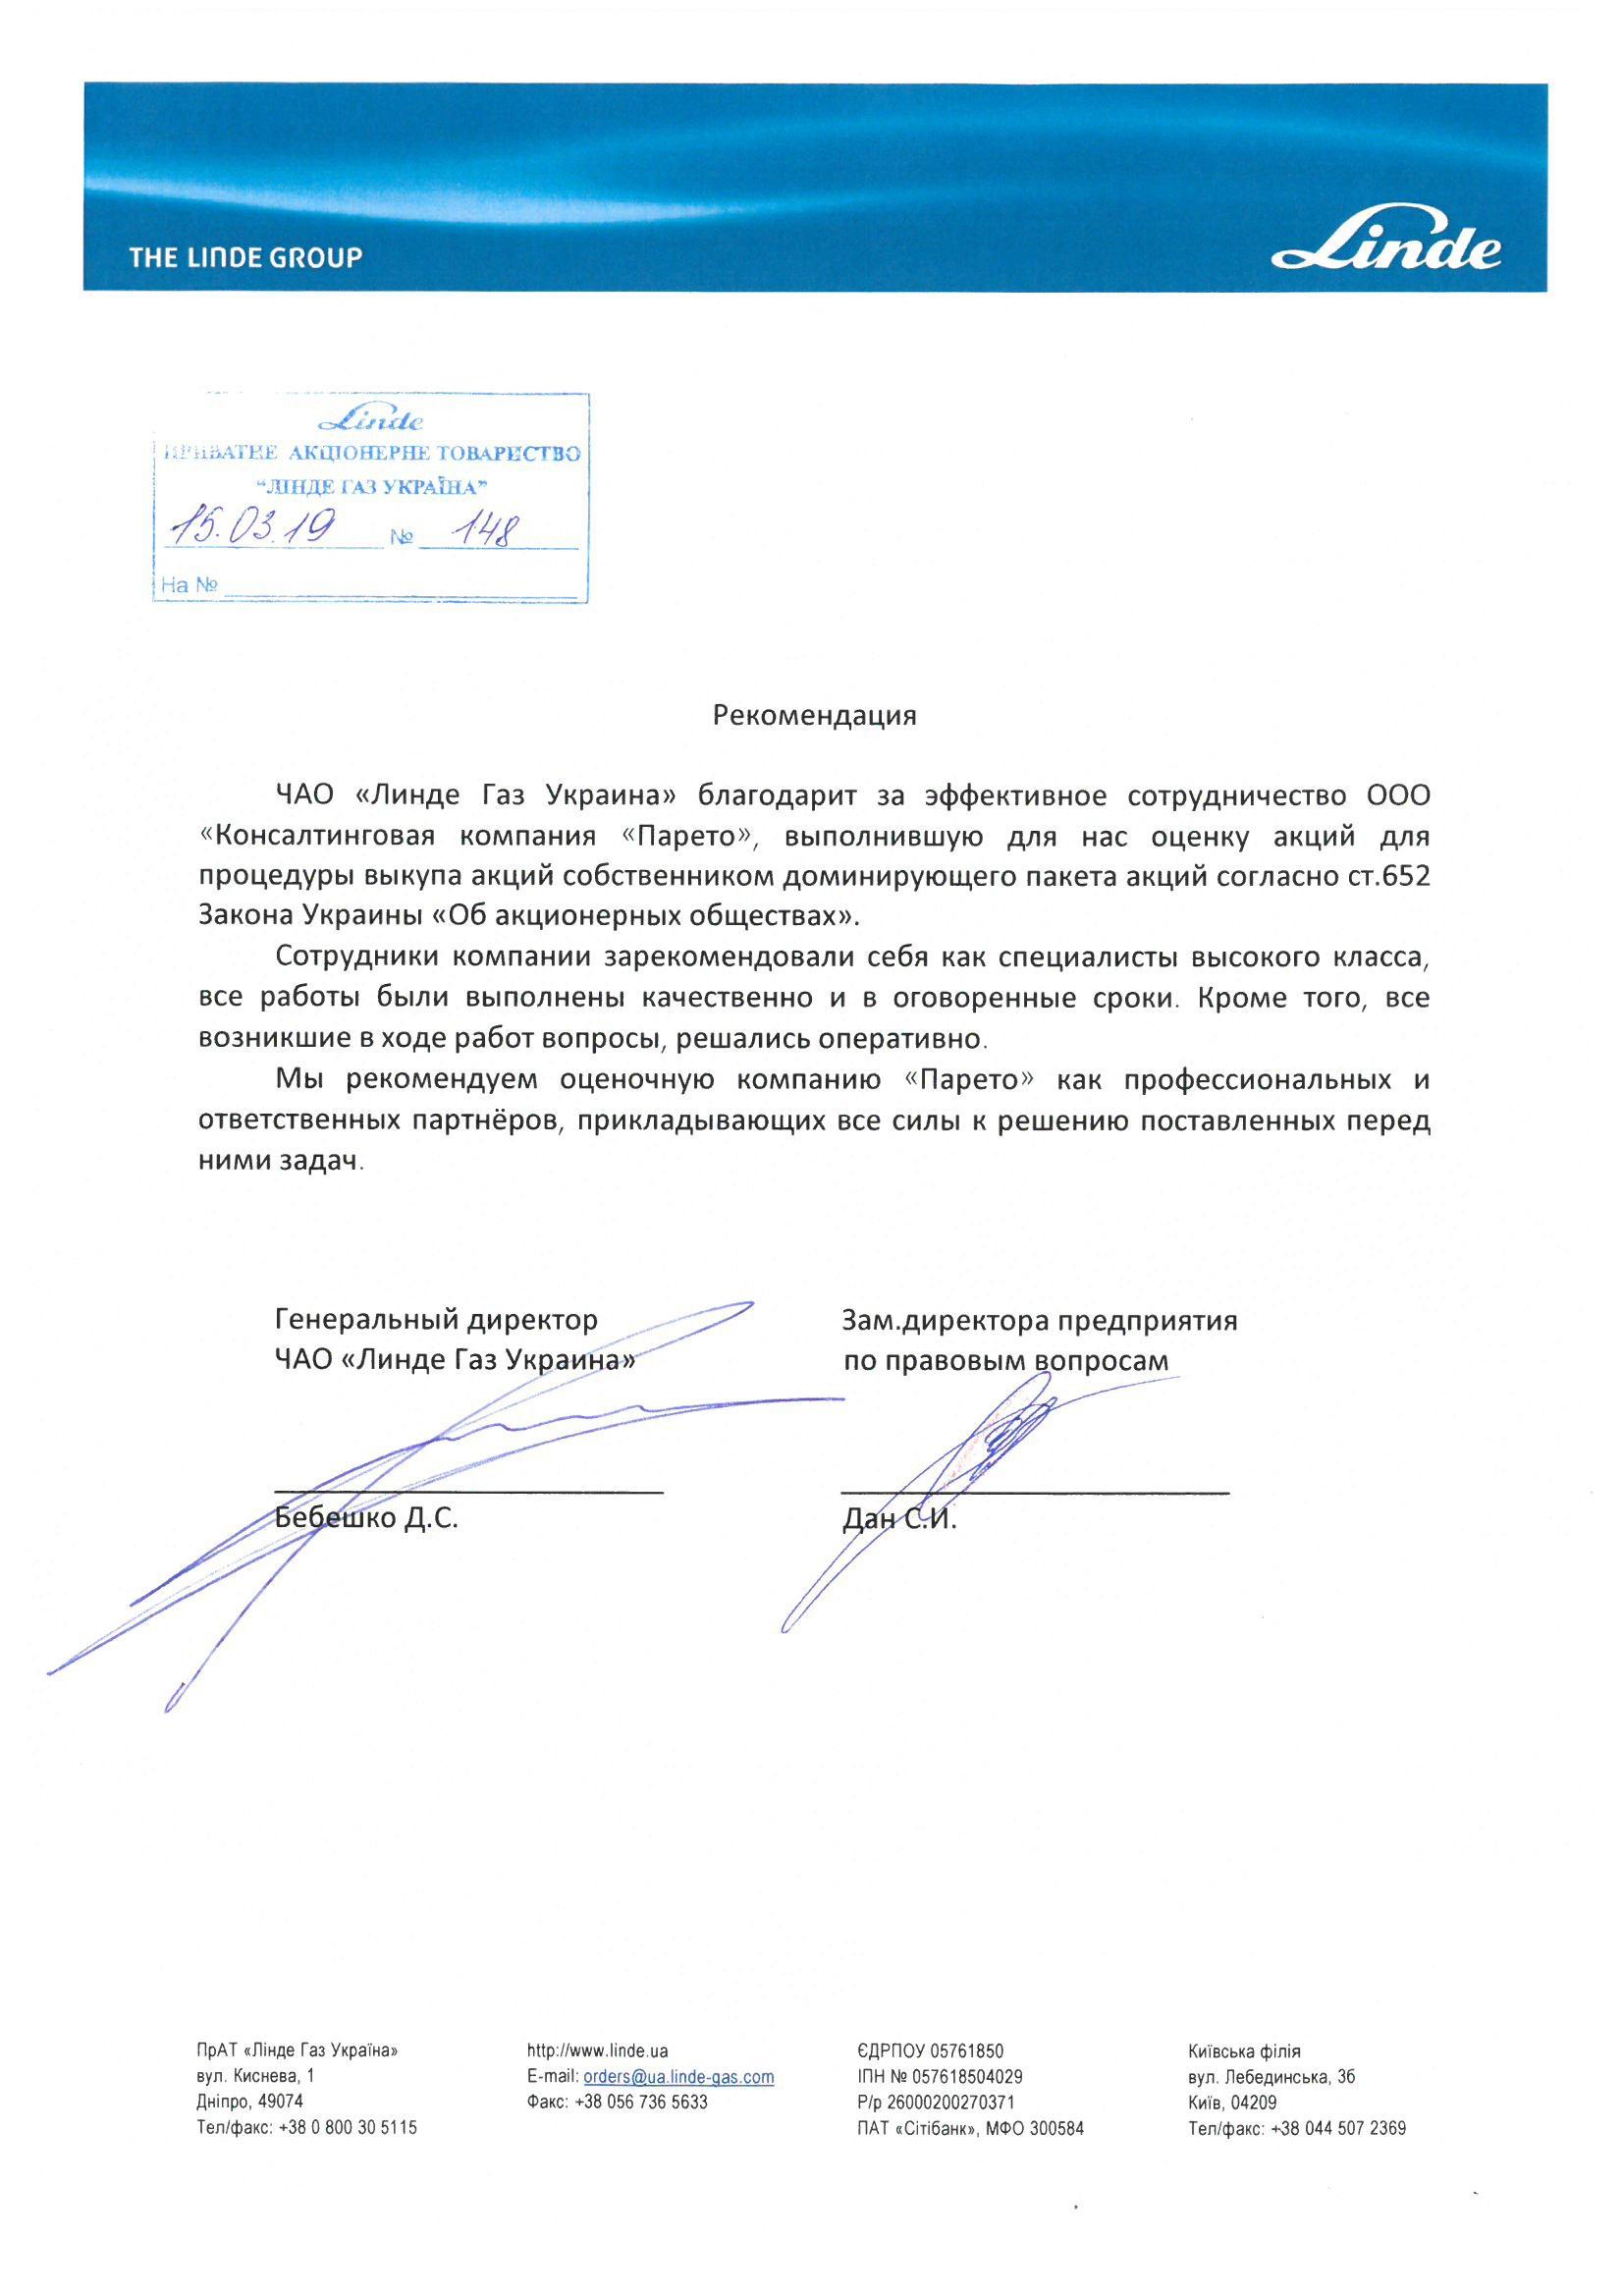 ЭКСПЕРТНАЯ ОЦЕНКА ОБОРУДОВАНИЯ, Рекомендация от одного из крупнейших производителей мороженого и  замороженных продуктов в Украине ООО «Три медведя»